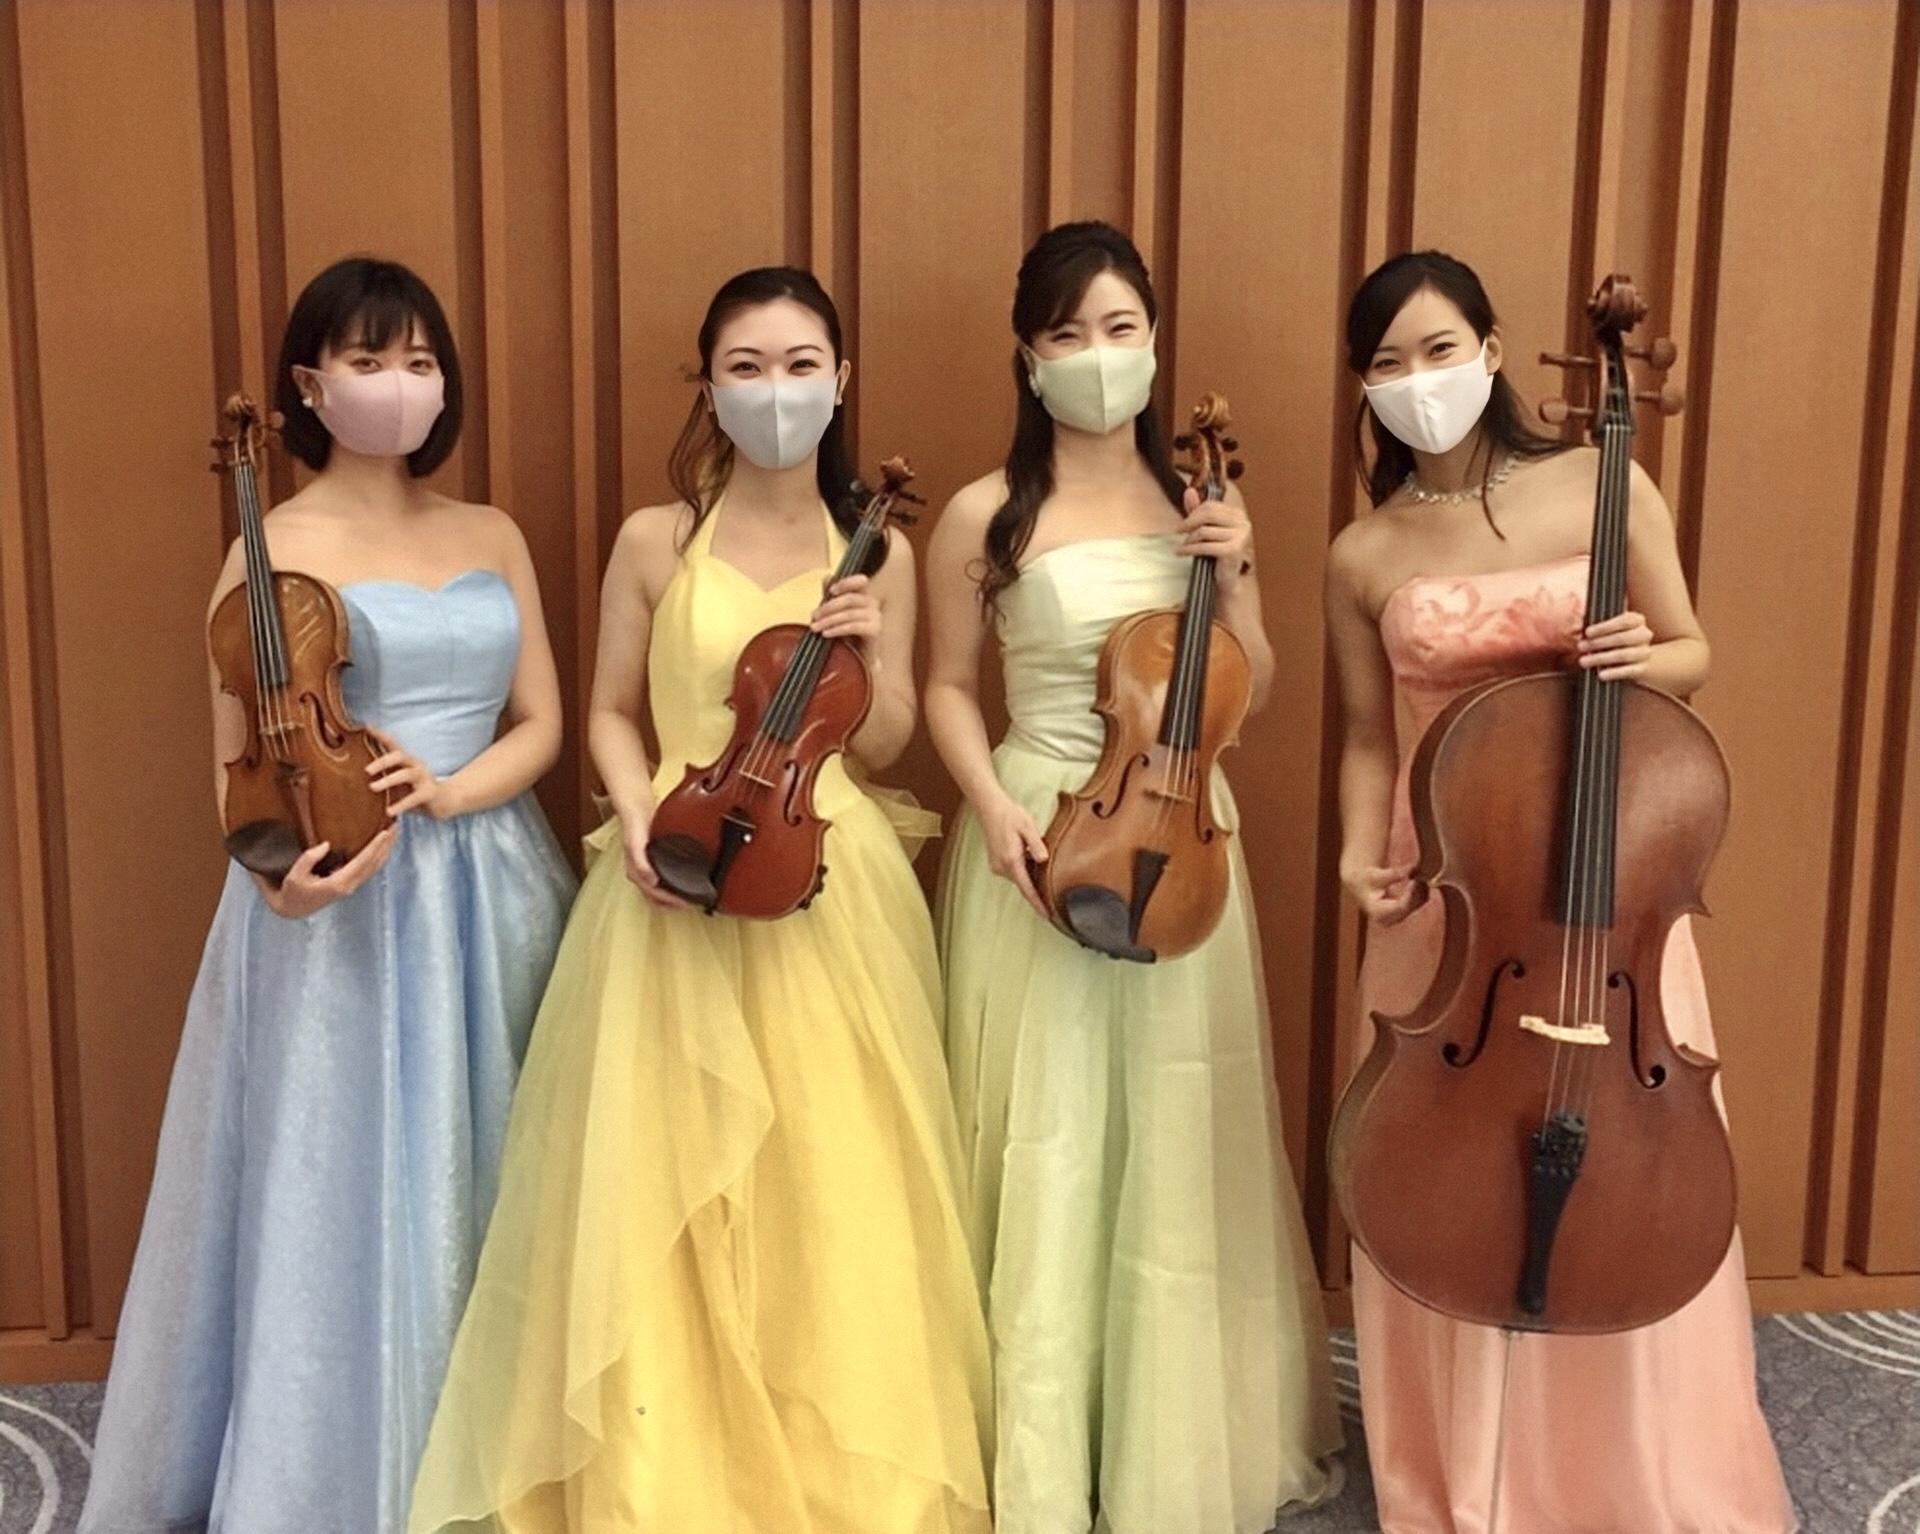 ヴァイオリン、ヴィオラ、チェロの4名編成でご依頼頂きました